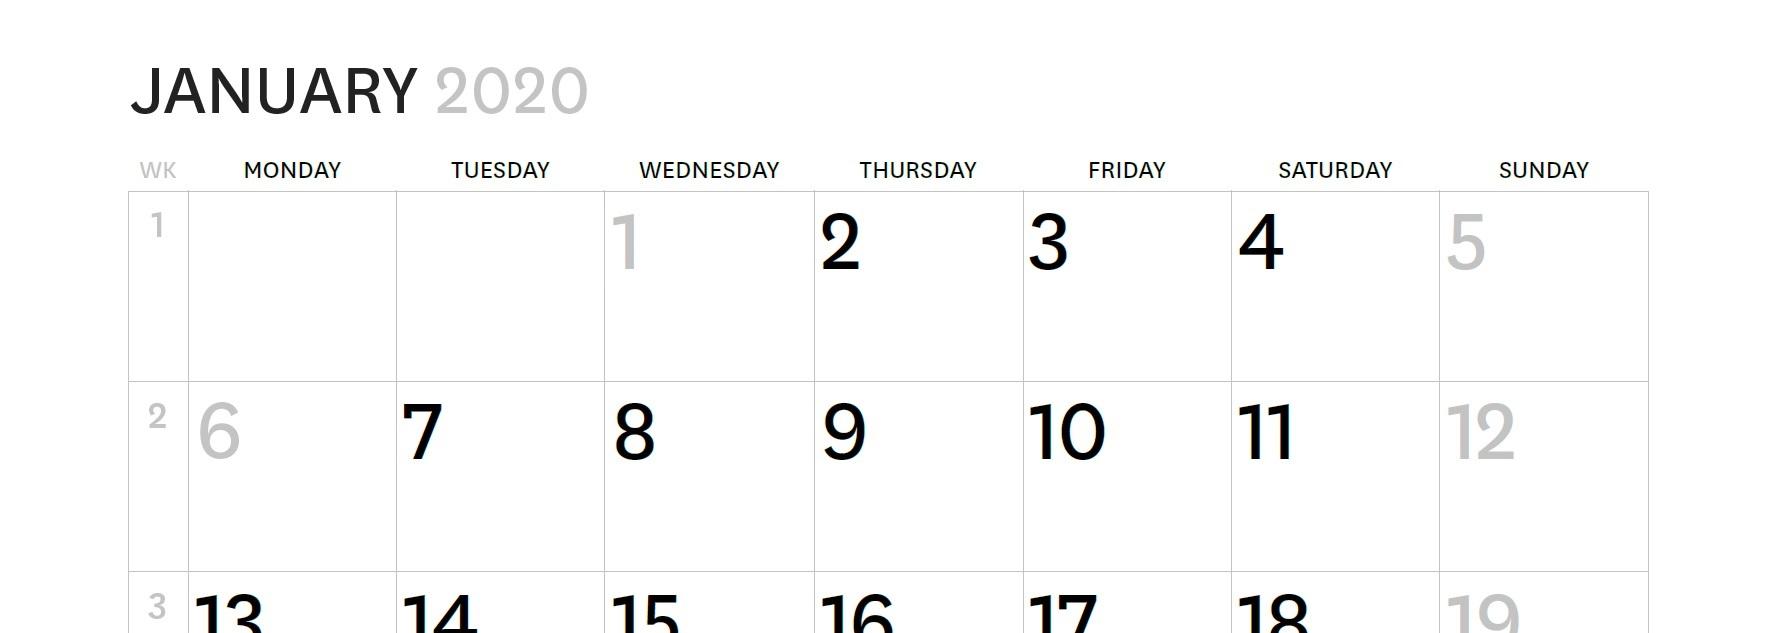 Calendar part